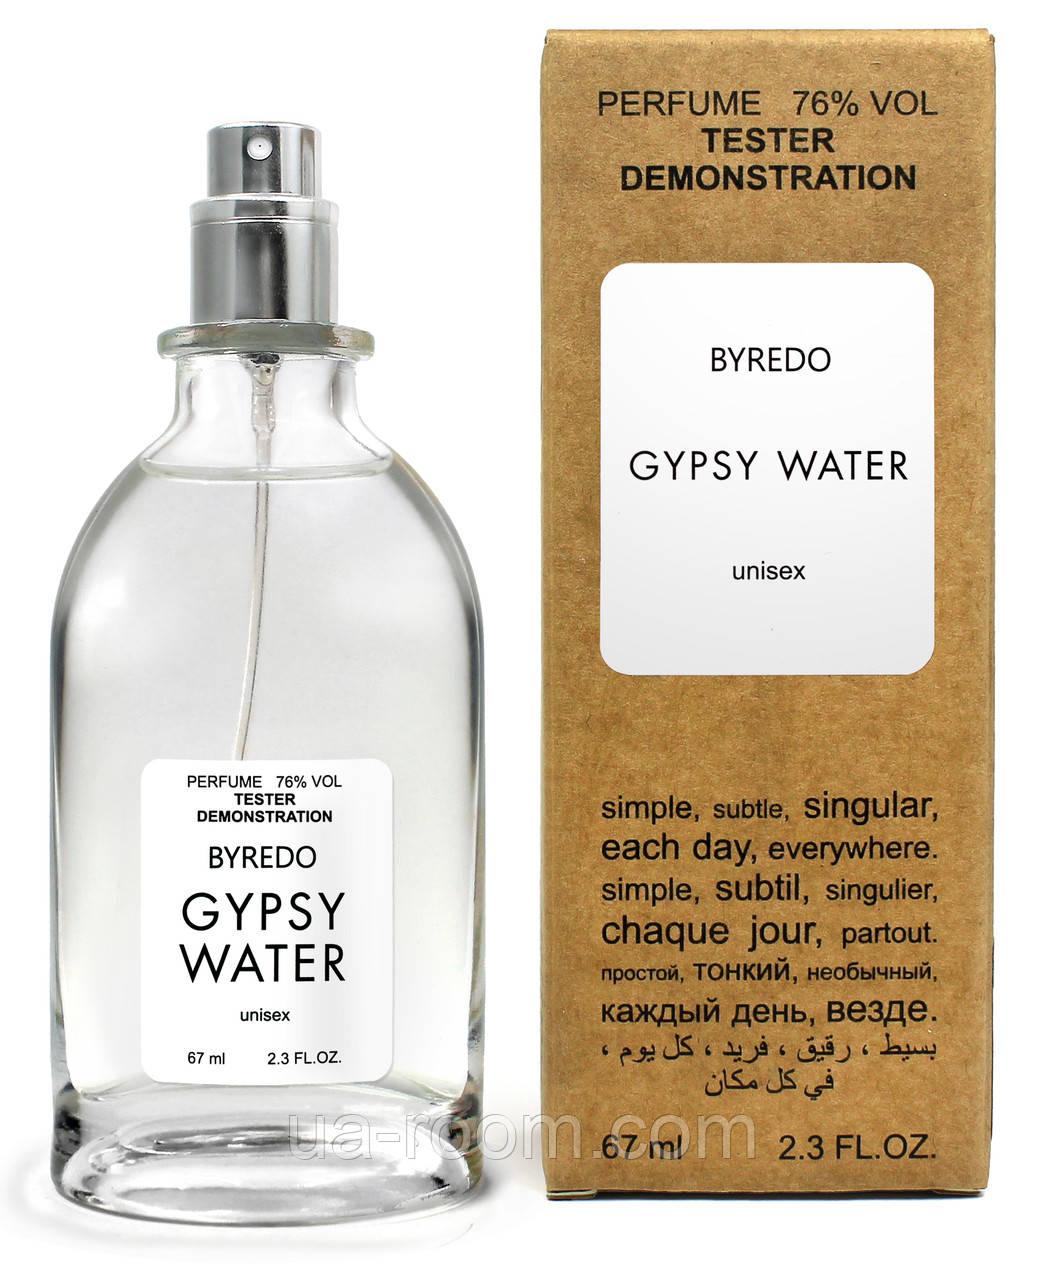 Тестер унисекс Byredo Gypsy Water, 67 мл.